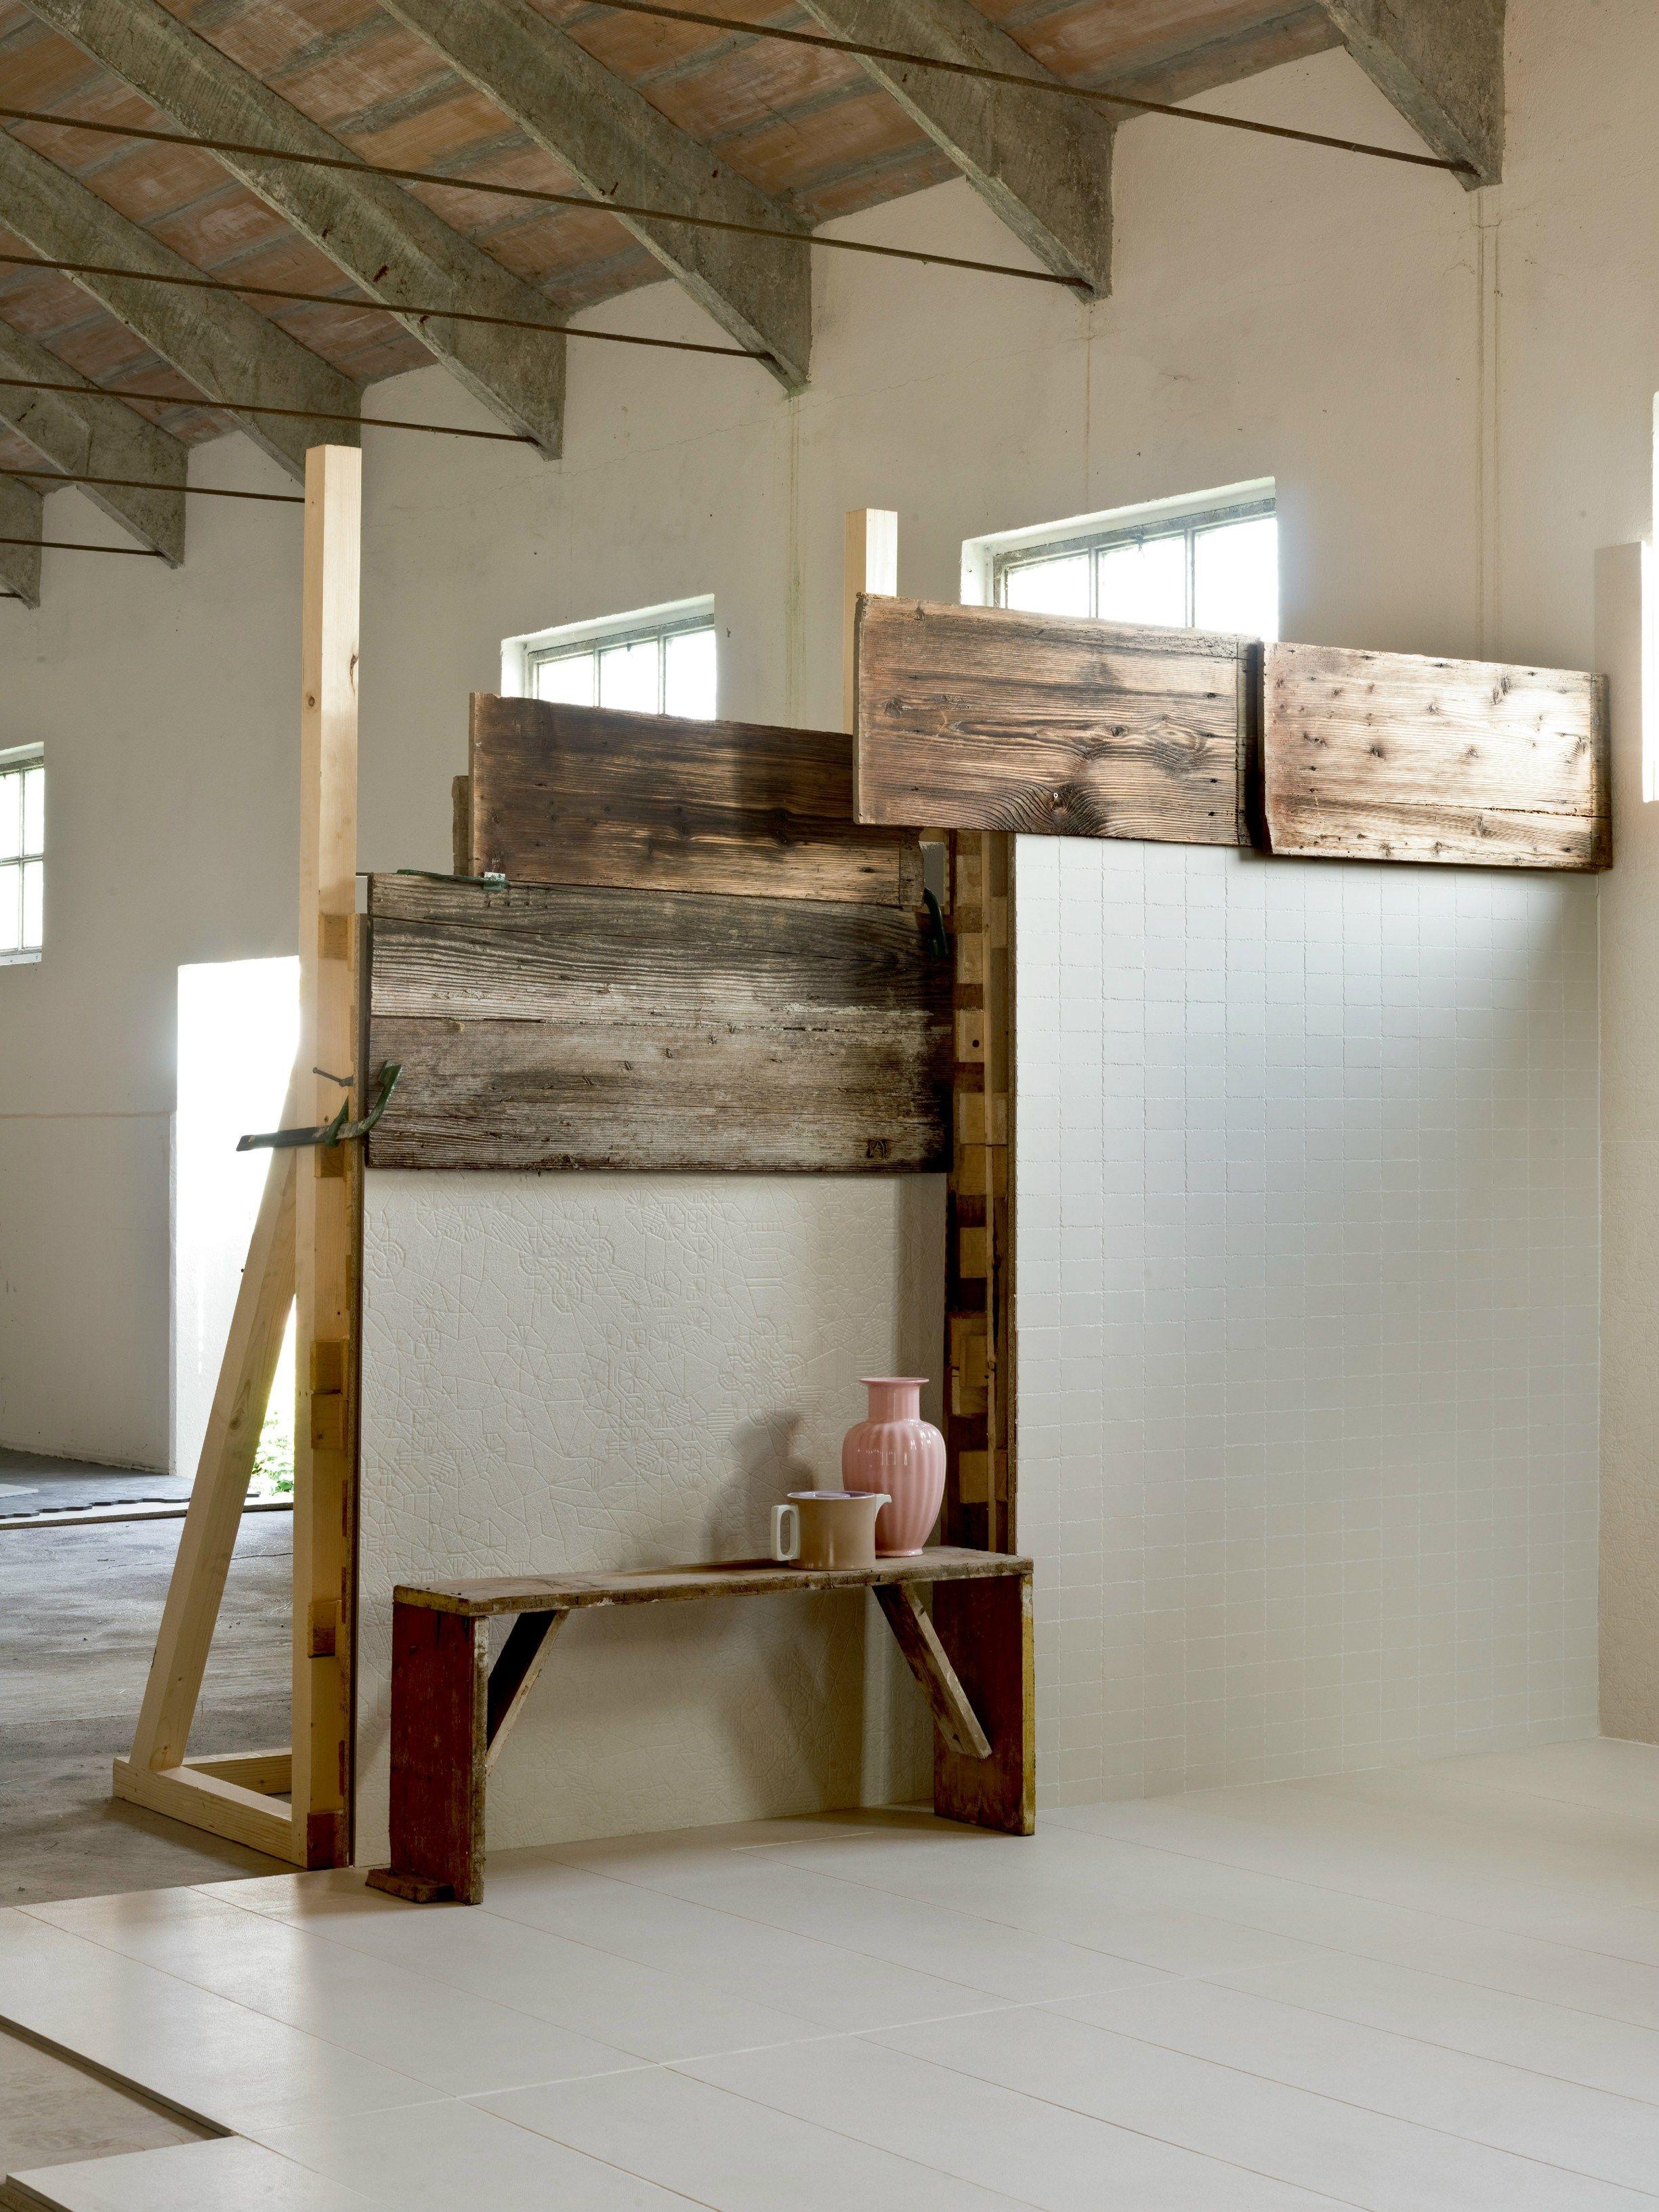 Indooroutdoor Porcelain Stoneware Wallfloor Tiles Dechirer (La Suite) Net Calce